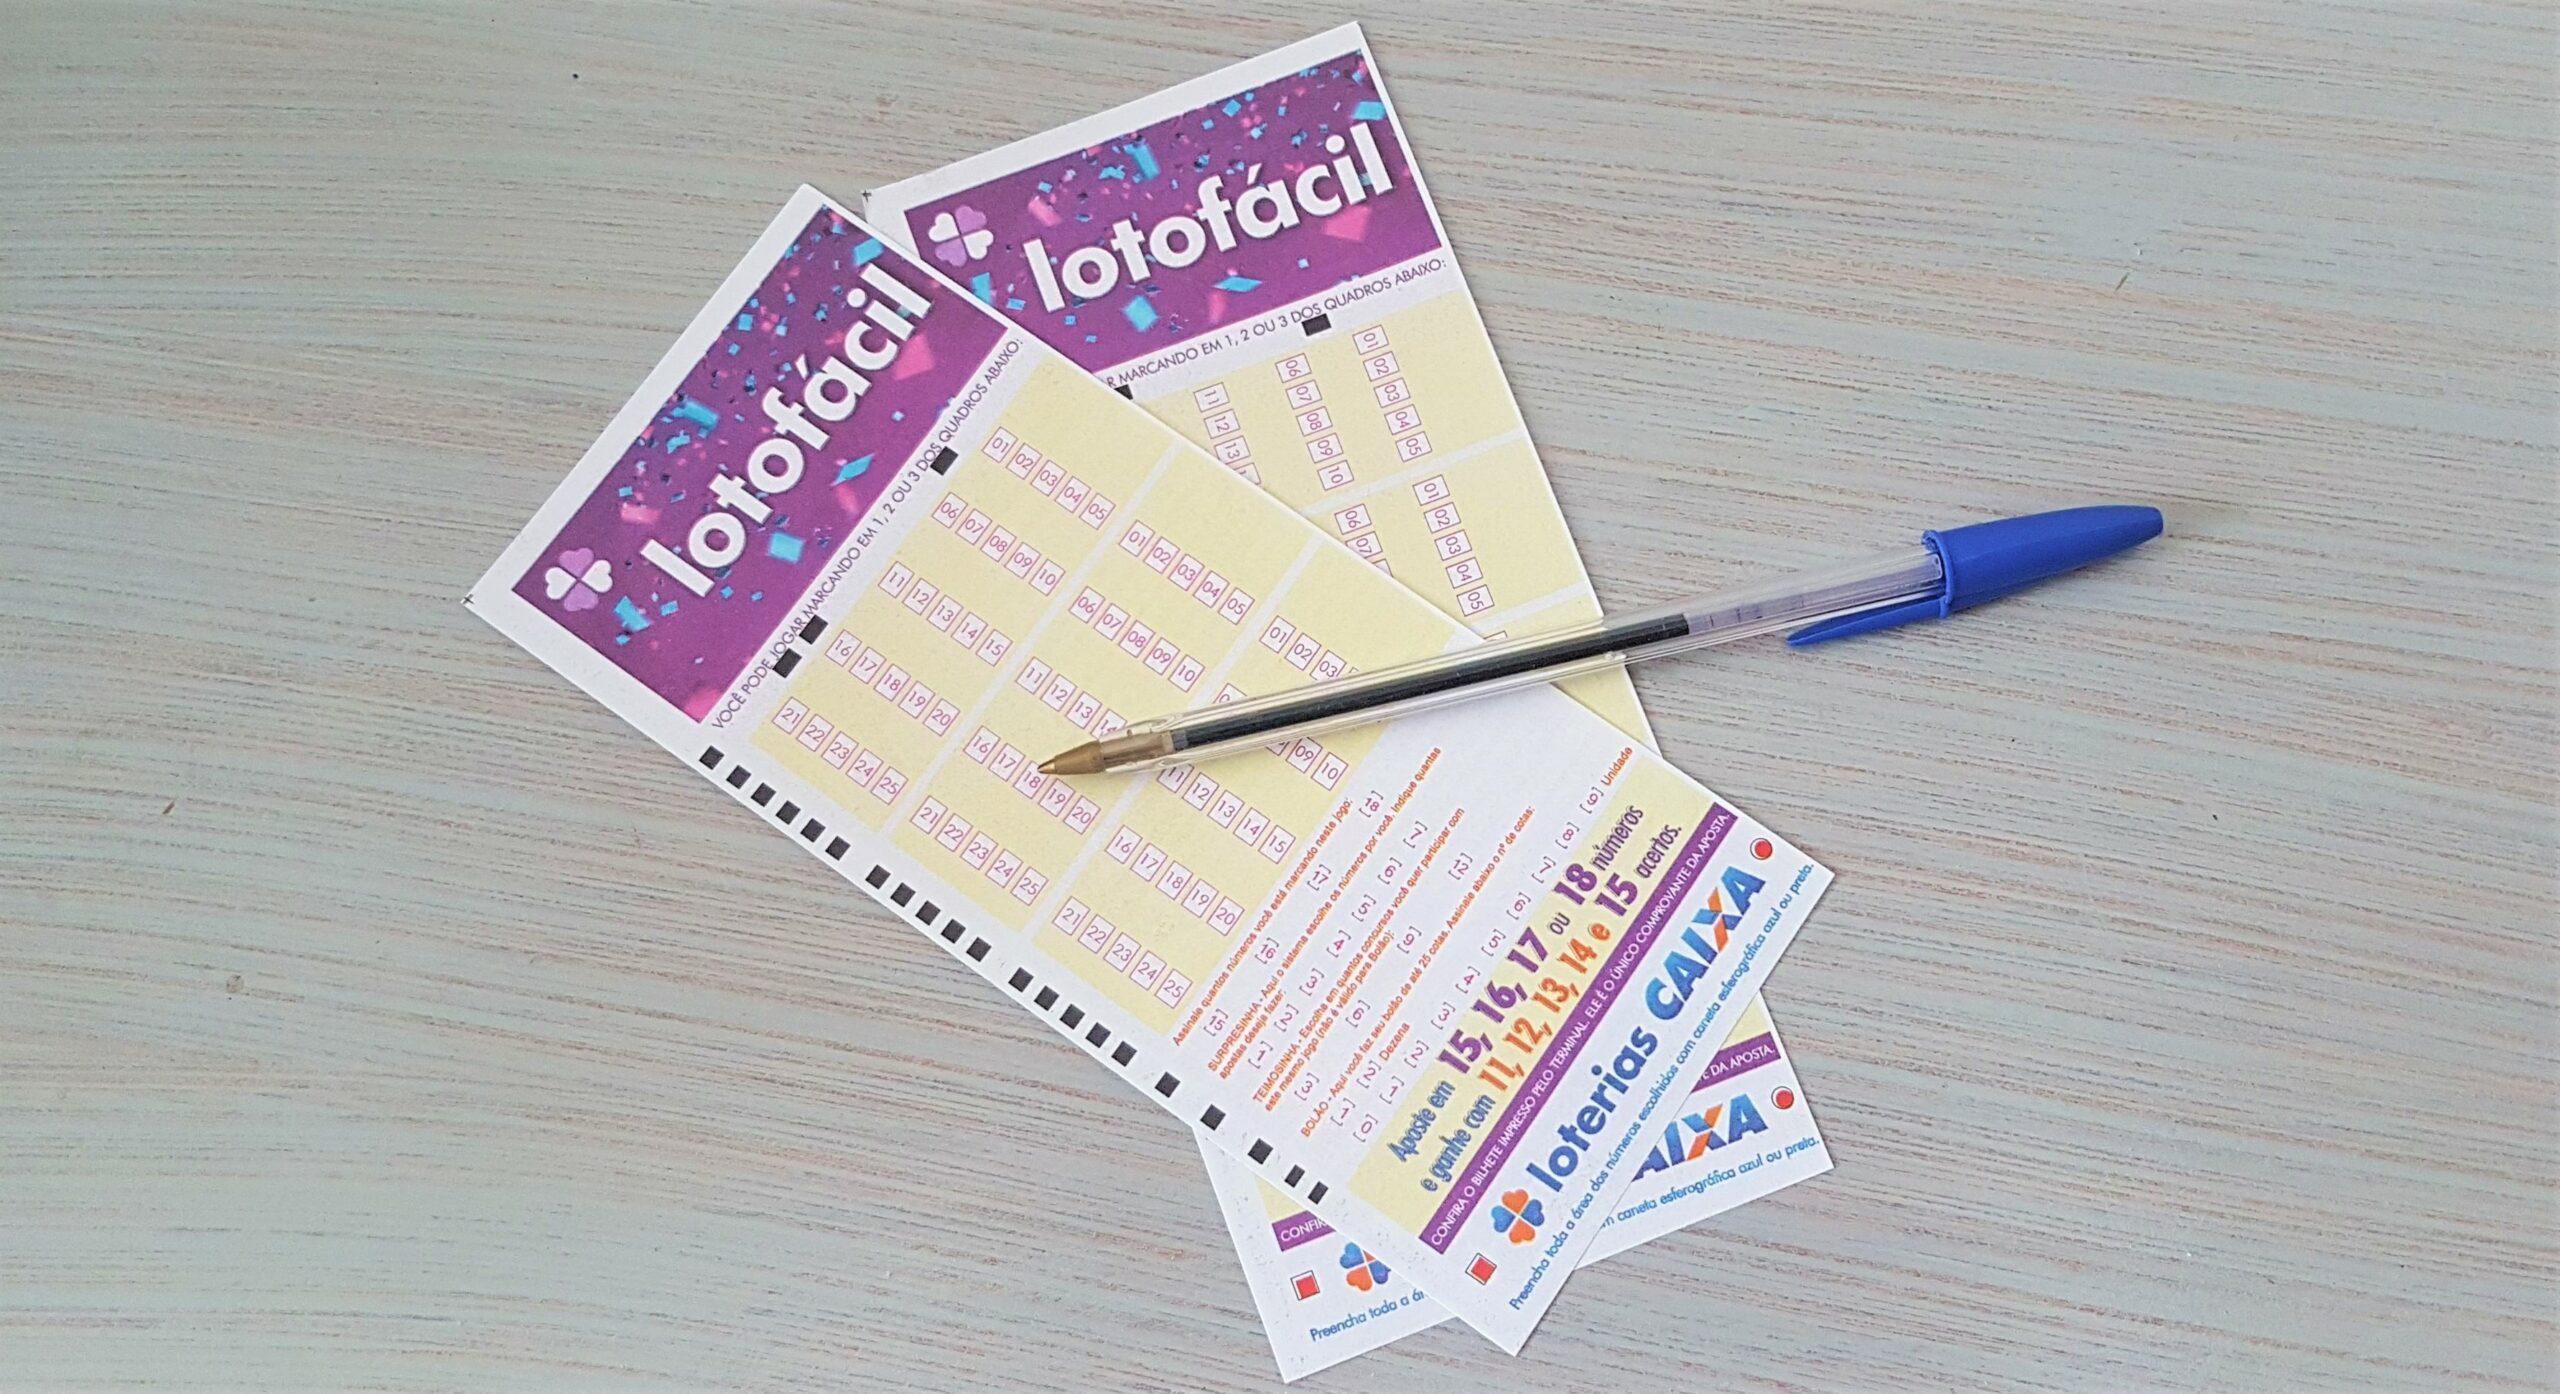 resultado da lotofácil - Resultado da Lotofacil de ontem - a imagem mostra dois volantes da Lotofacil de uma caneta